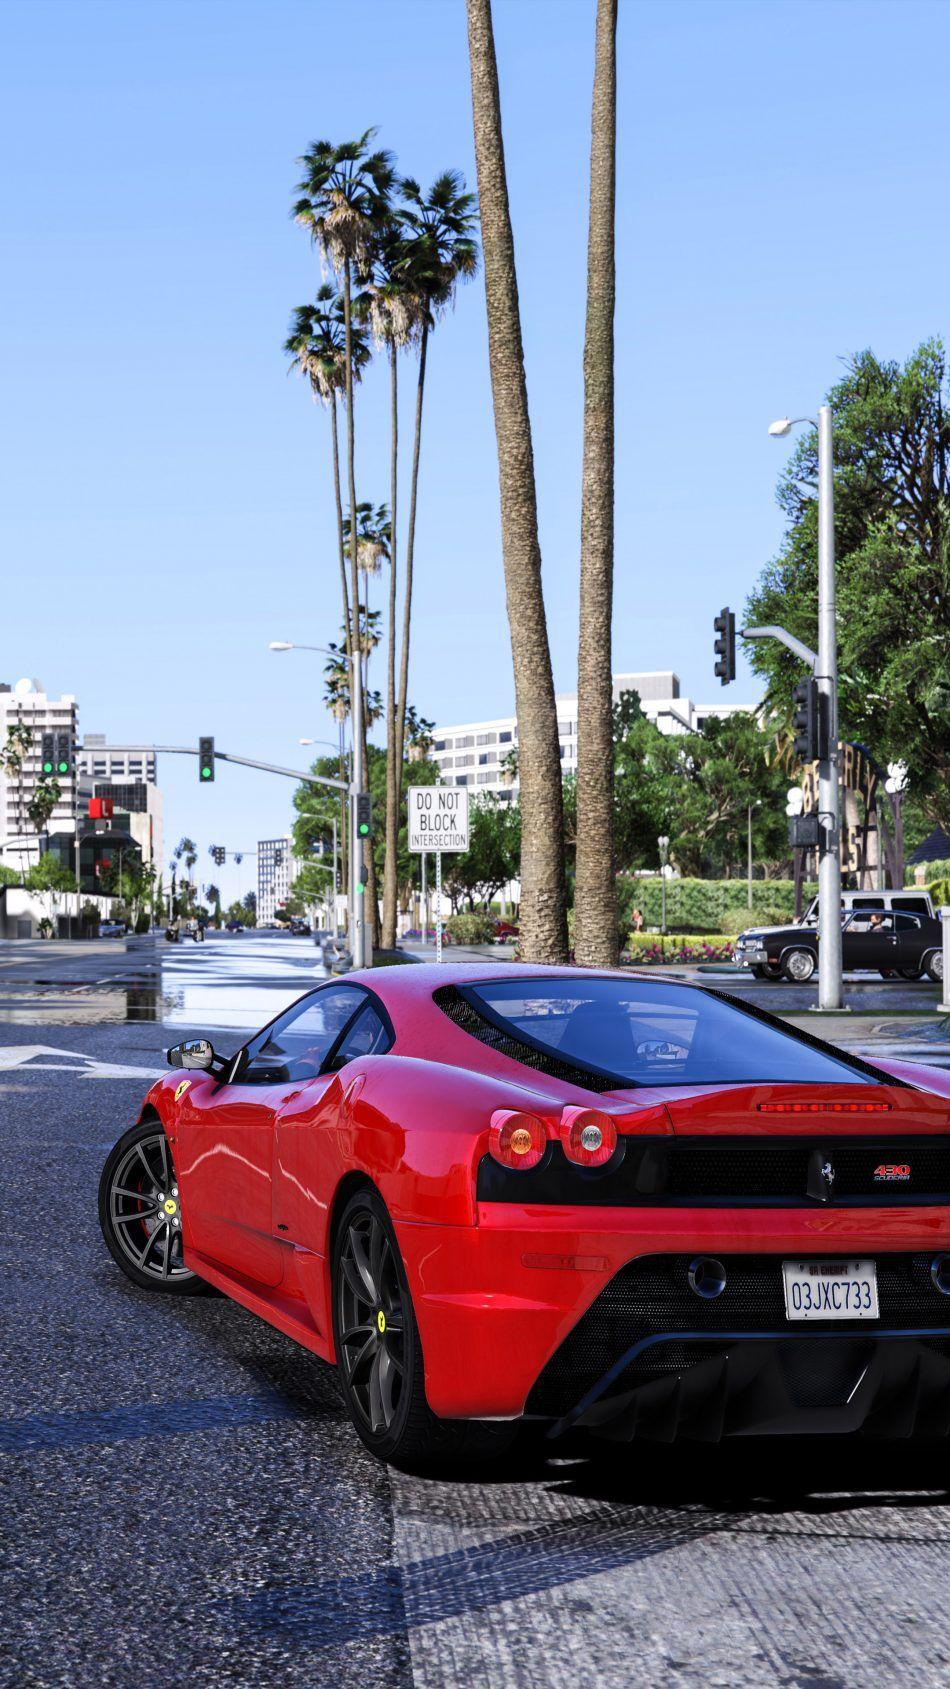 Gta V Red Ferrari Gta Gta Cars Ferrari